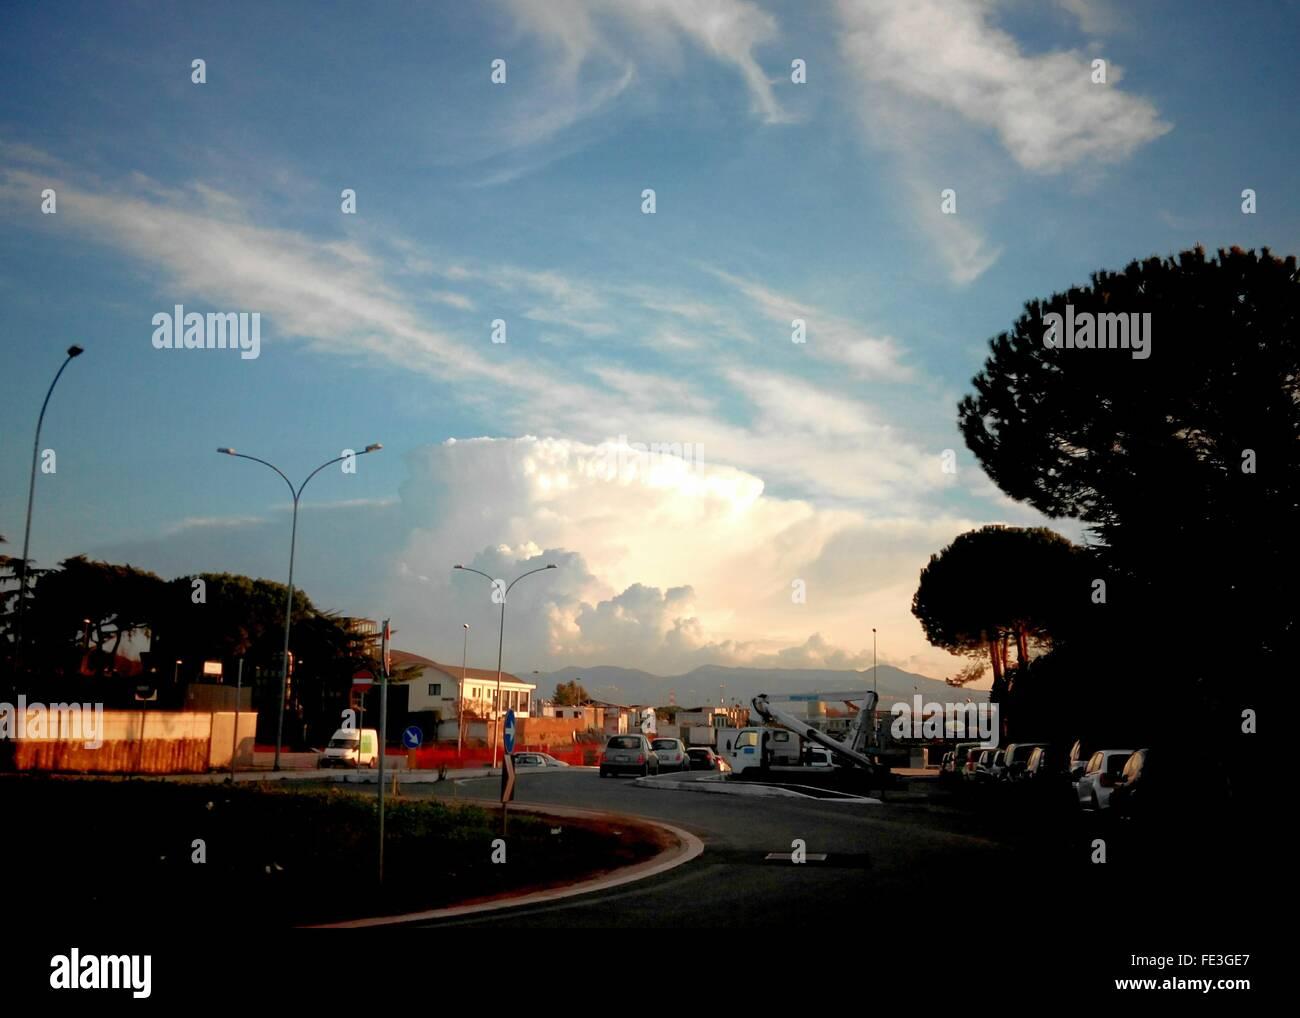 Bewölkter Himmel über Kreisverkehr Stockbild